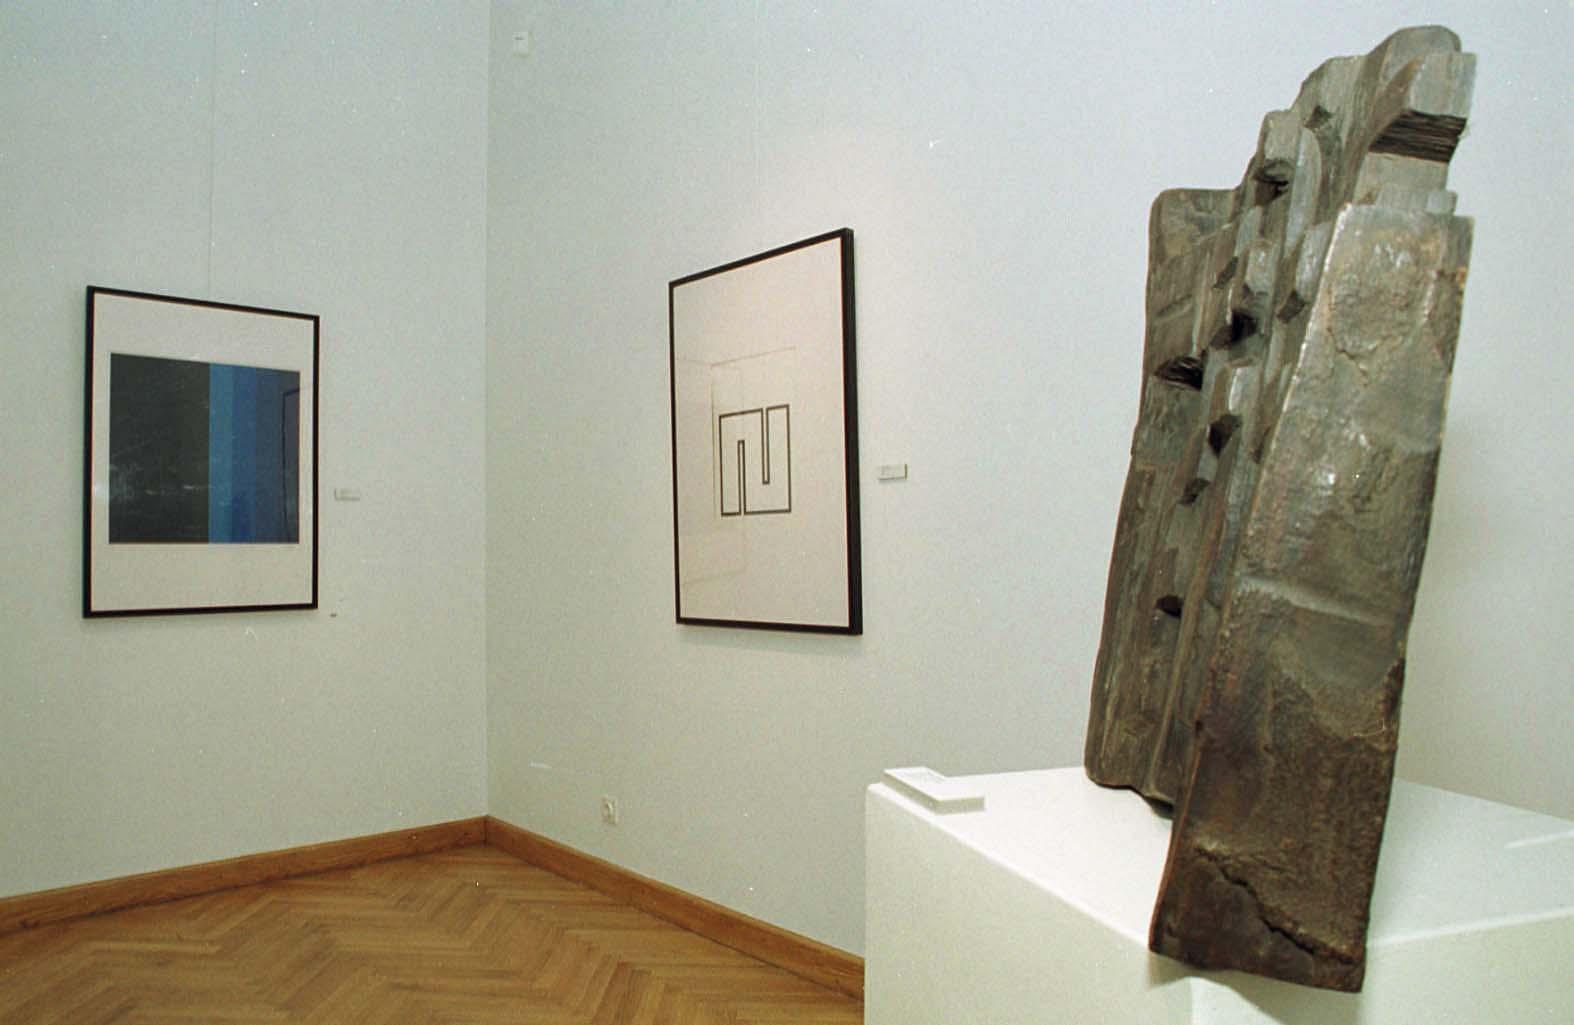 osijek,070602 lijevo ivan picelj julie knifer i branko ruzic izlozba hrvatske apstrakcije u glu osijek foto:ivica pejic -kult-